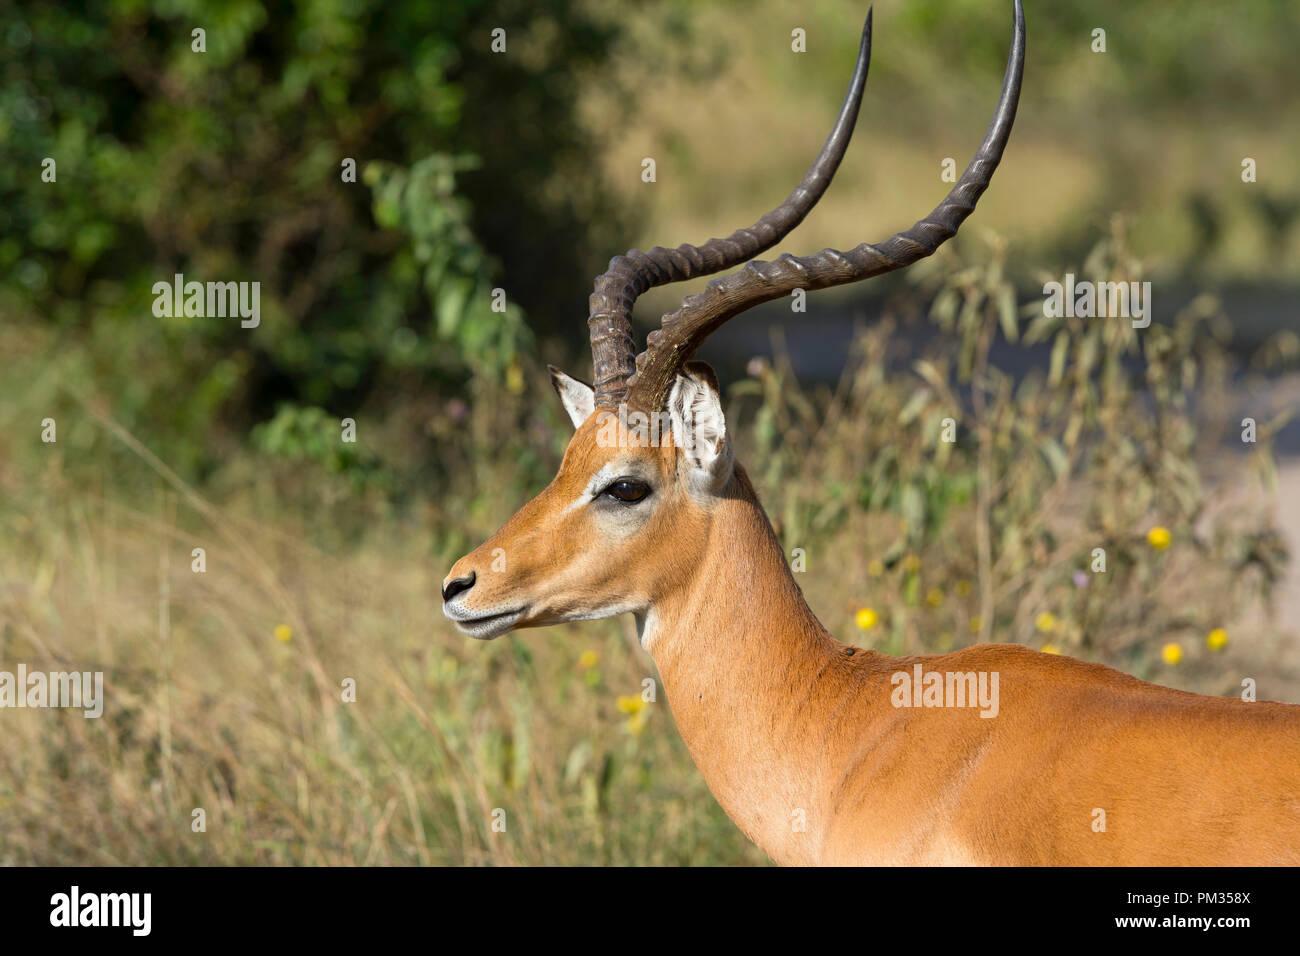 Impala, (Aepyceros melampus), Ram, Male Impala Stock Photo